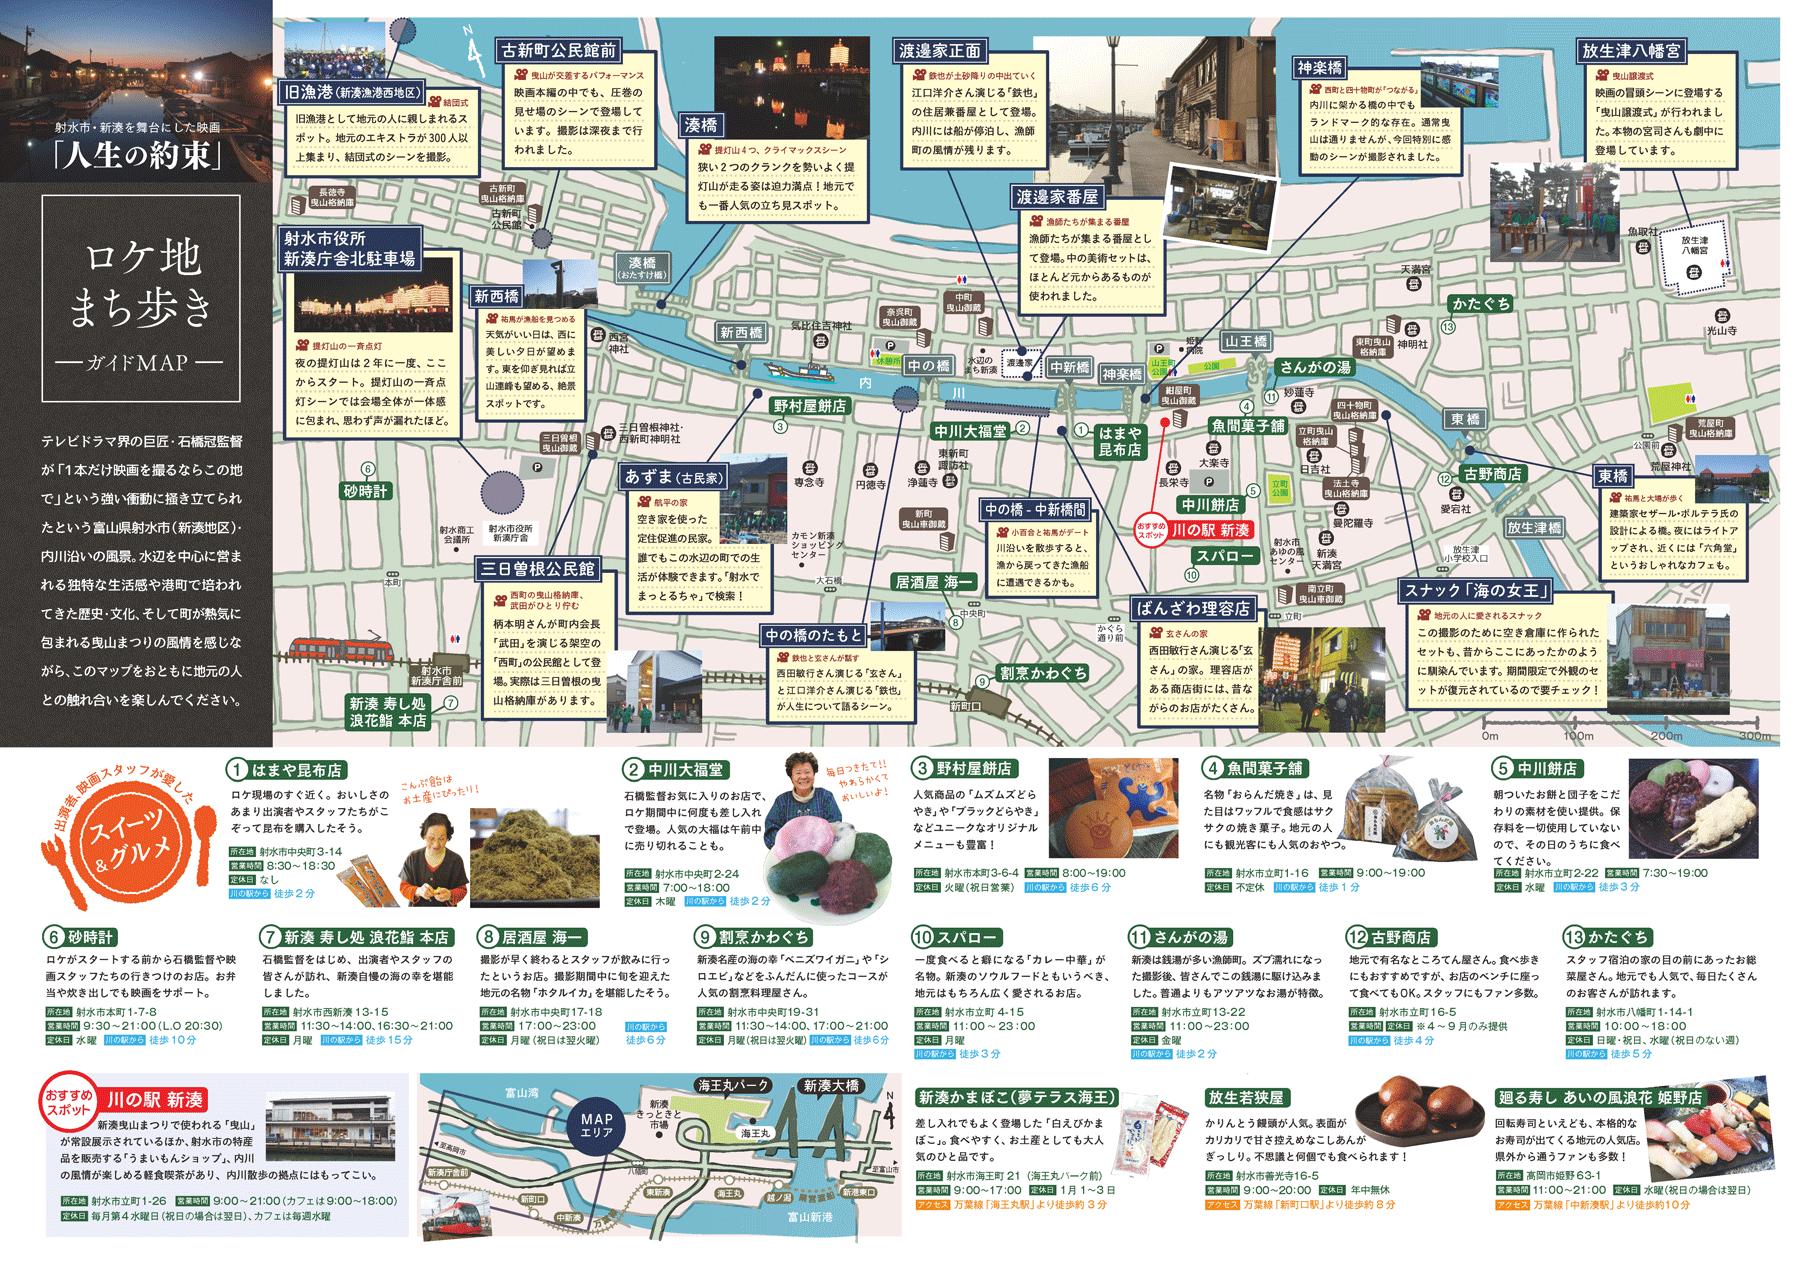 映画「人生の約束」ロケ地マップ